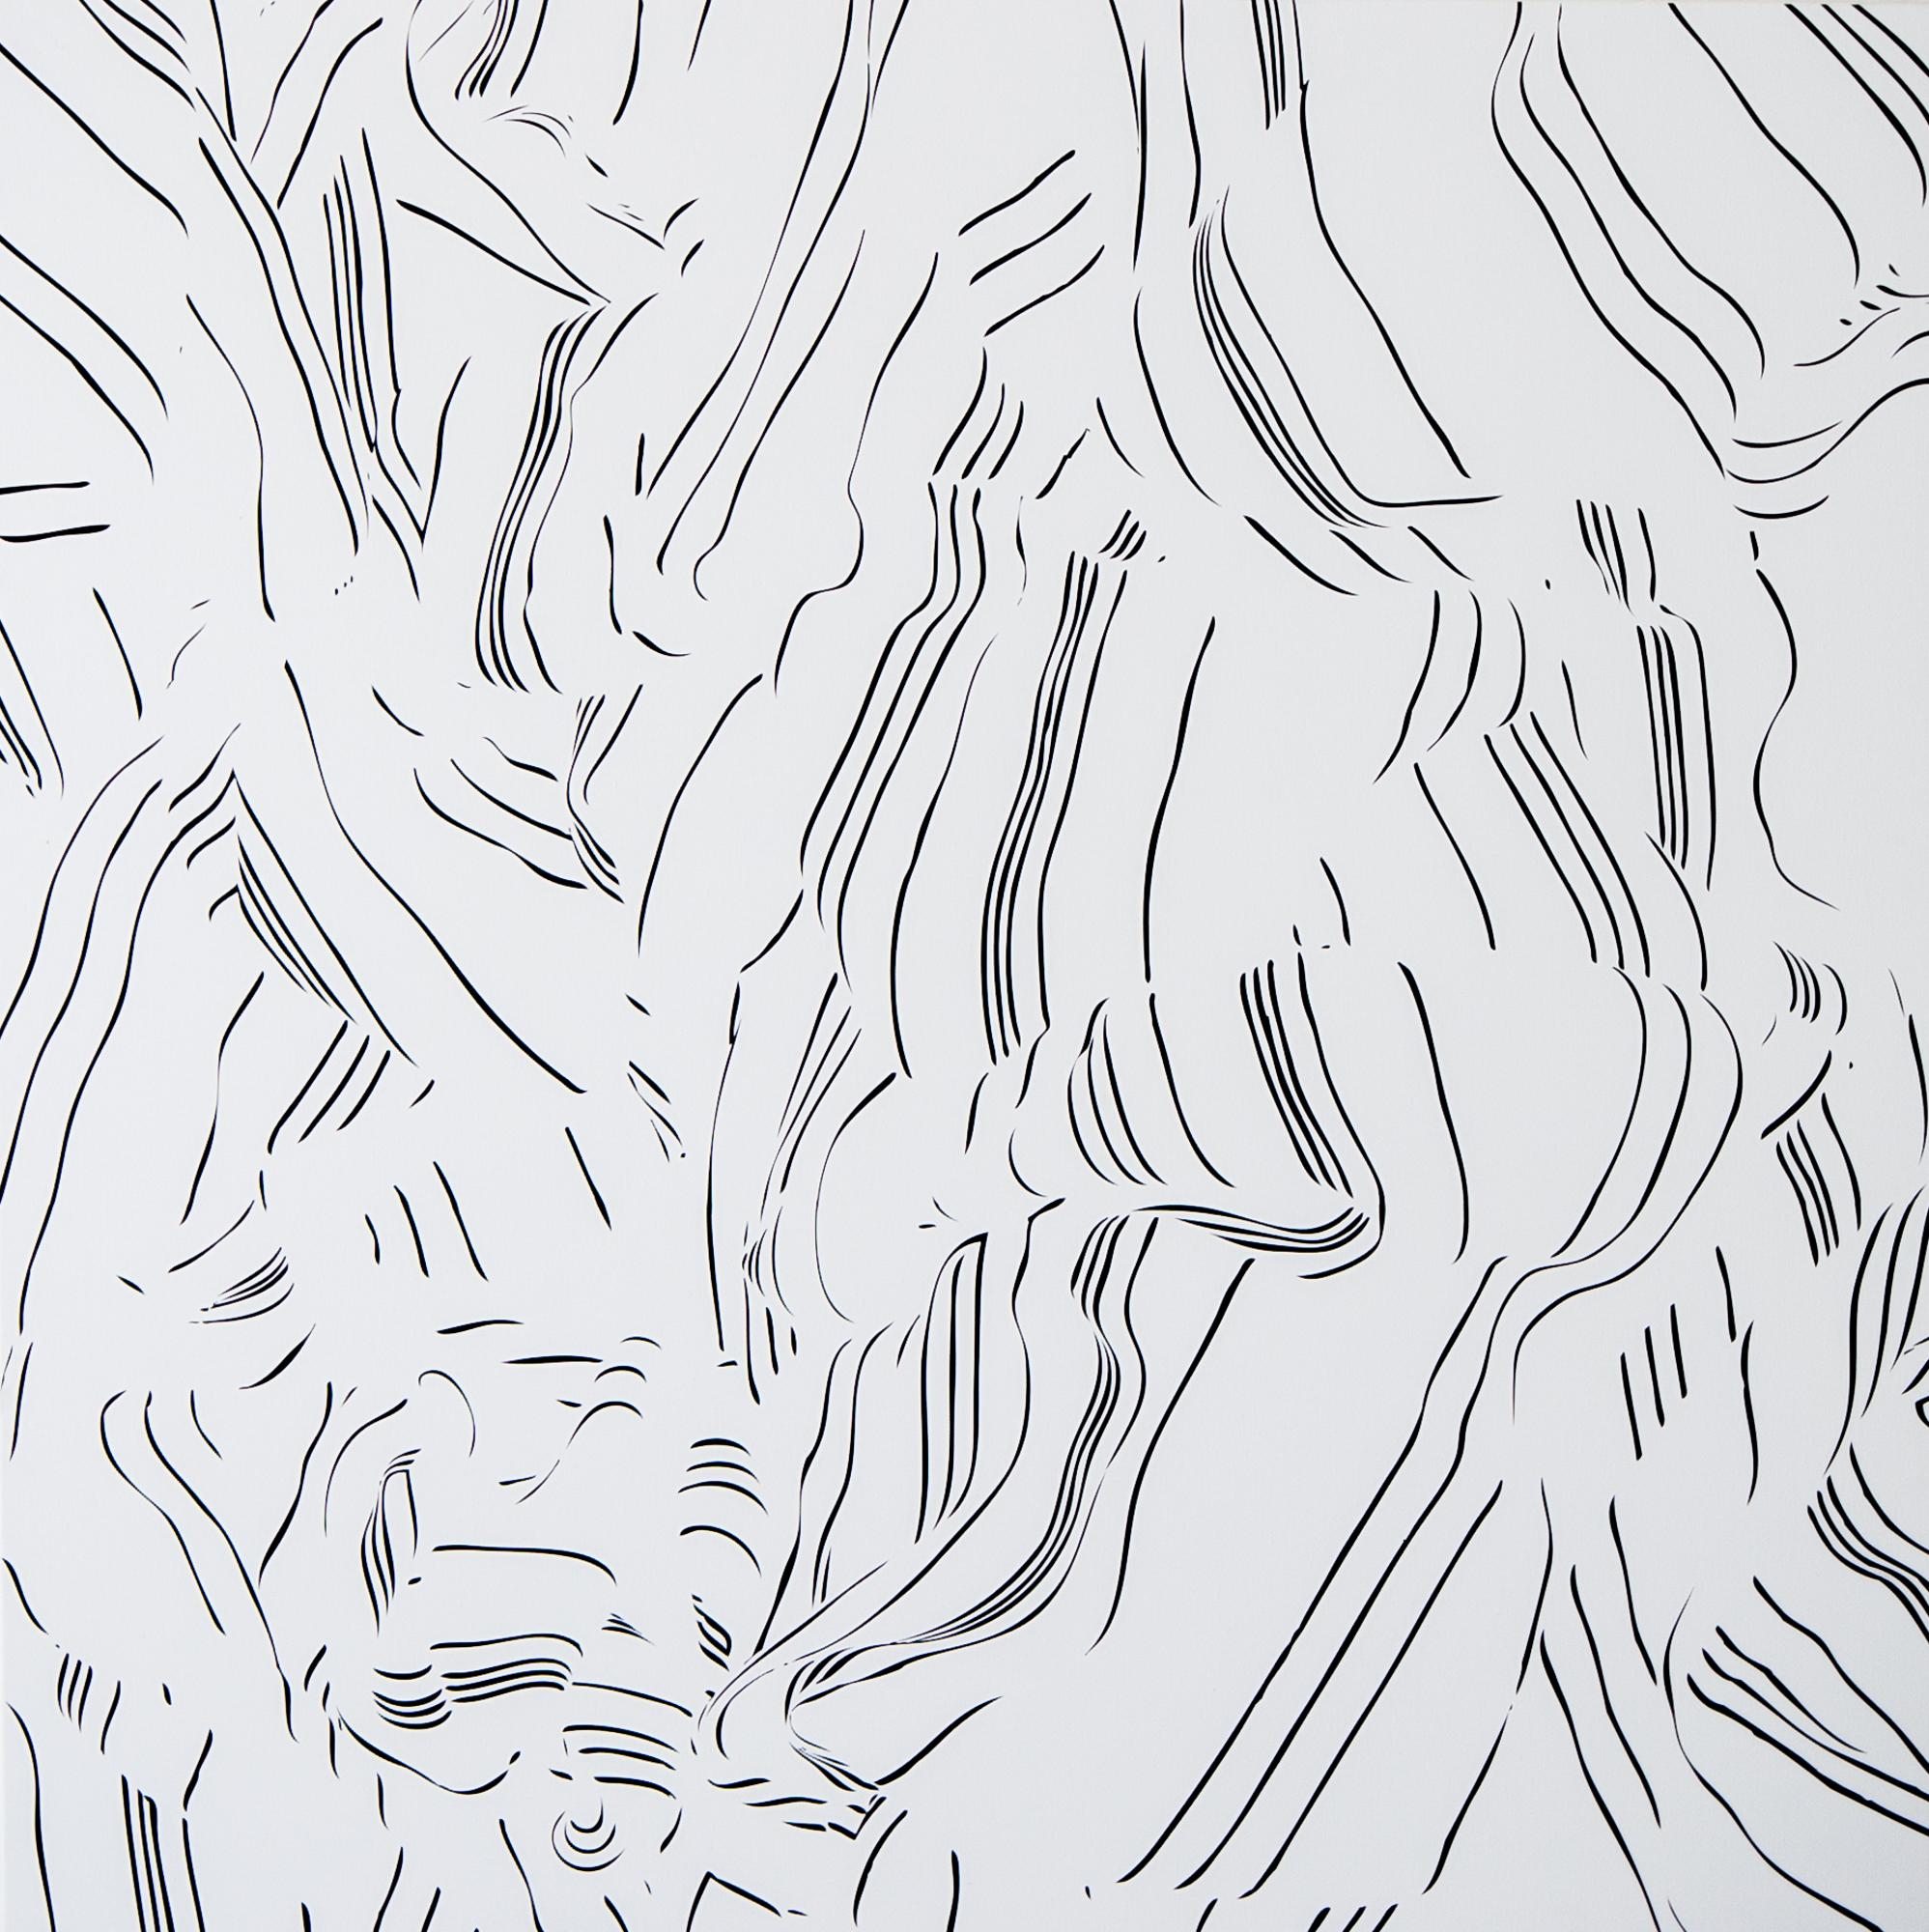 Hayek_Galerie_Zavodny.jpg